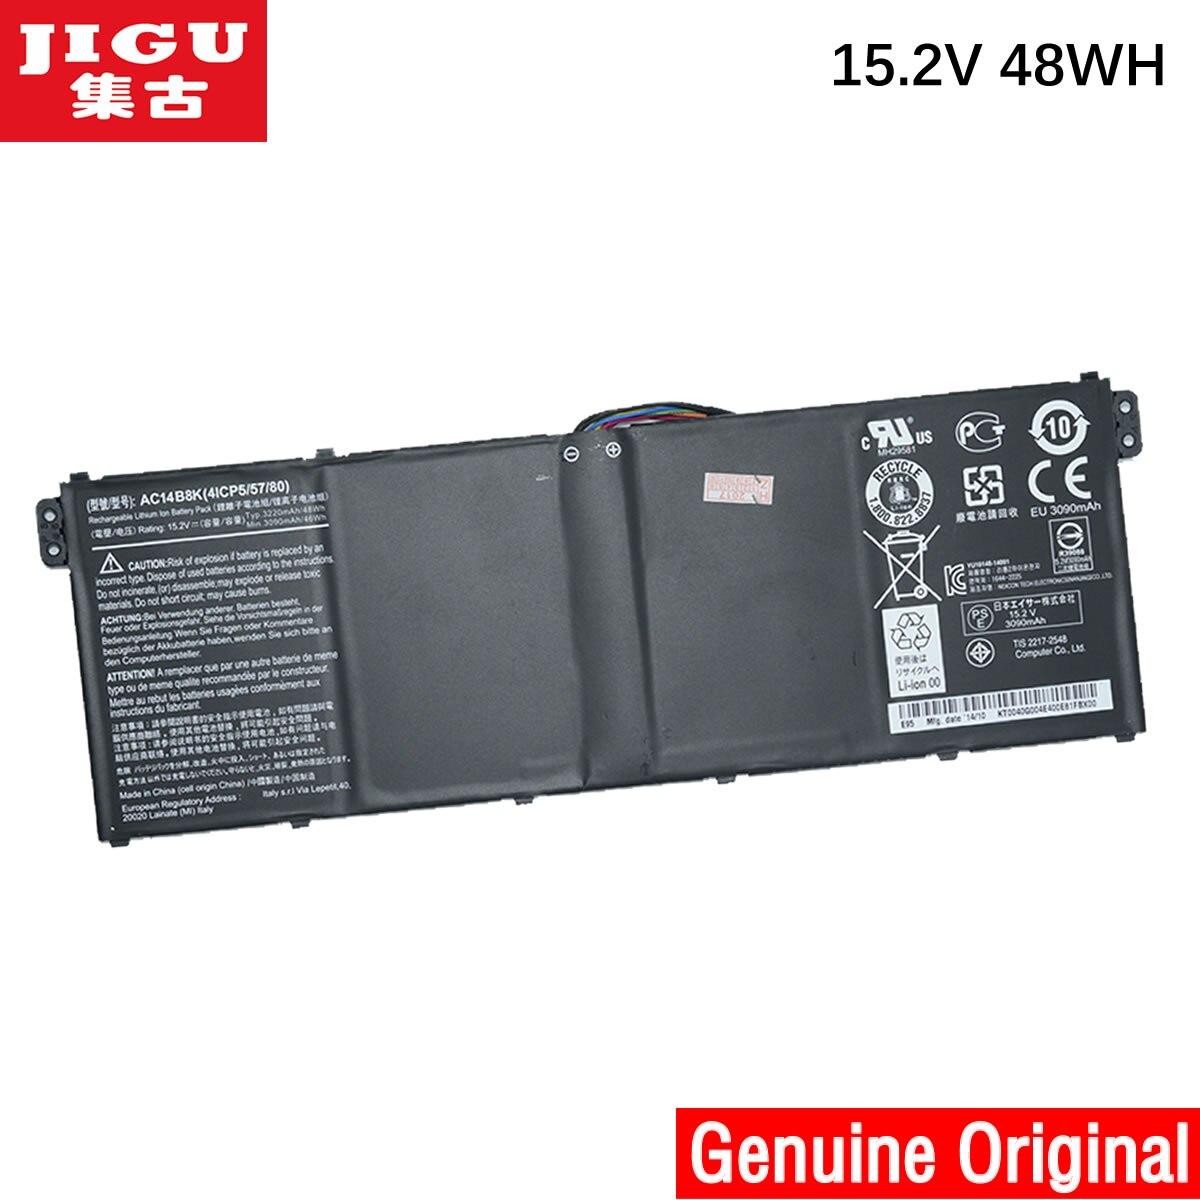 JIGU Original Laptop Battery AC14B8K FOR Acer E3-111 E3-112 CB3-111 CB5-311 ES1-511 ES1-512 E5-771G V3-111 V3-371 ES1-711 48WH